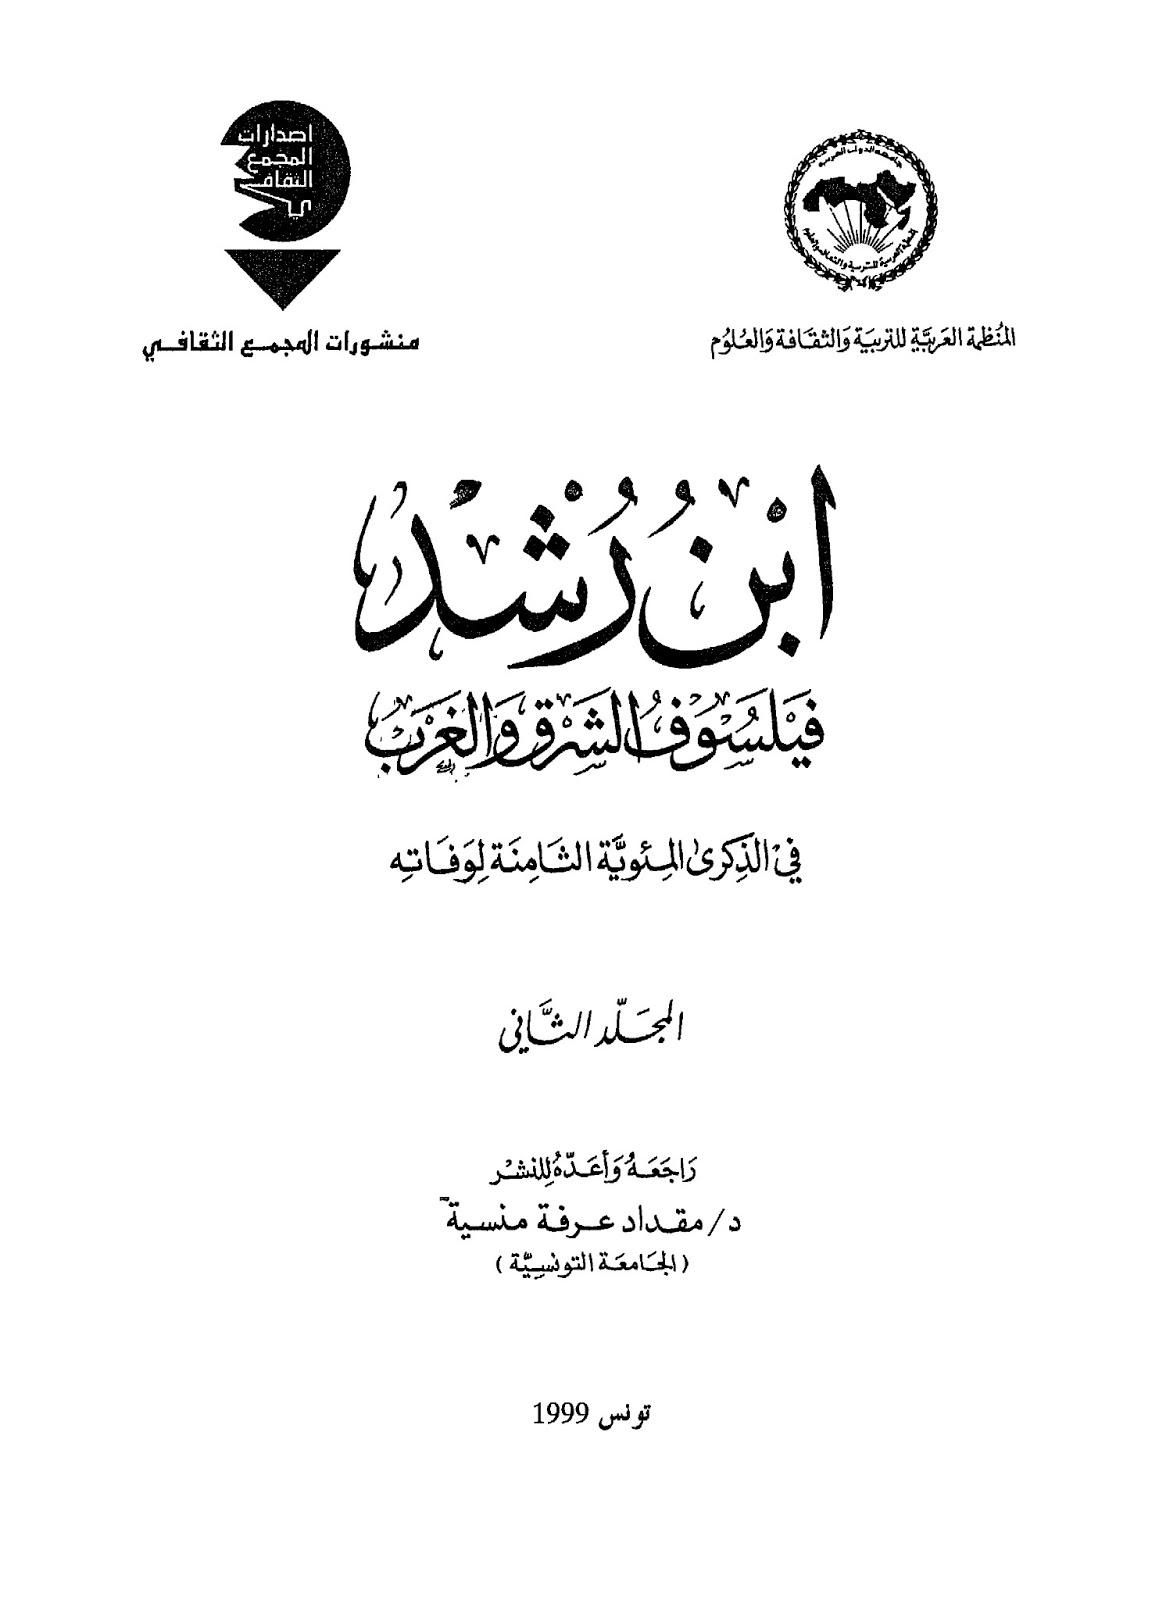 ابن رشد فيلسوف الشرق والغرب - الجامعة التونسية pdf